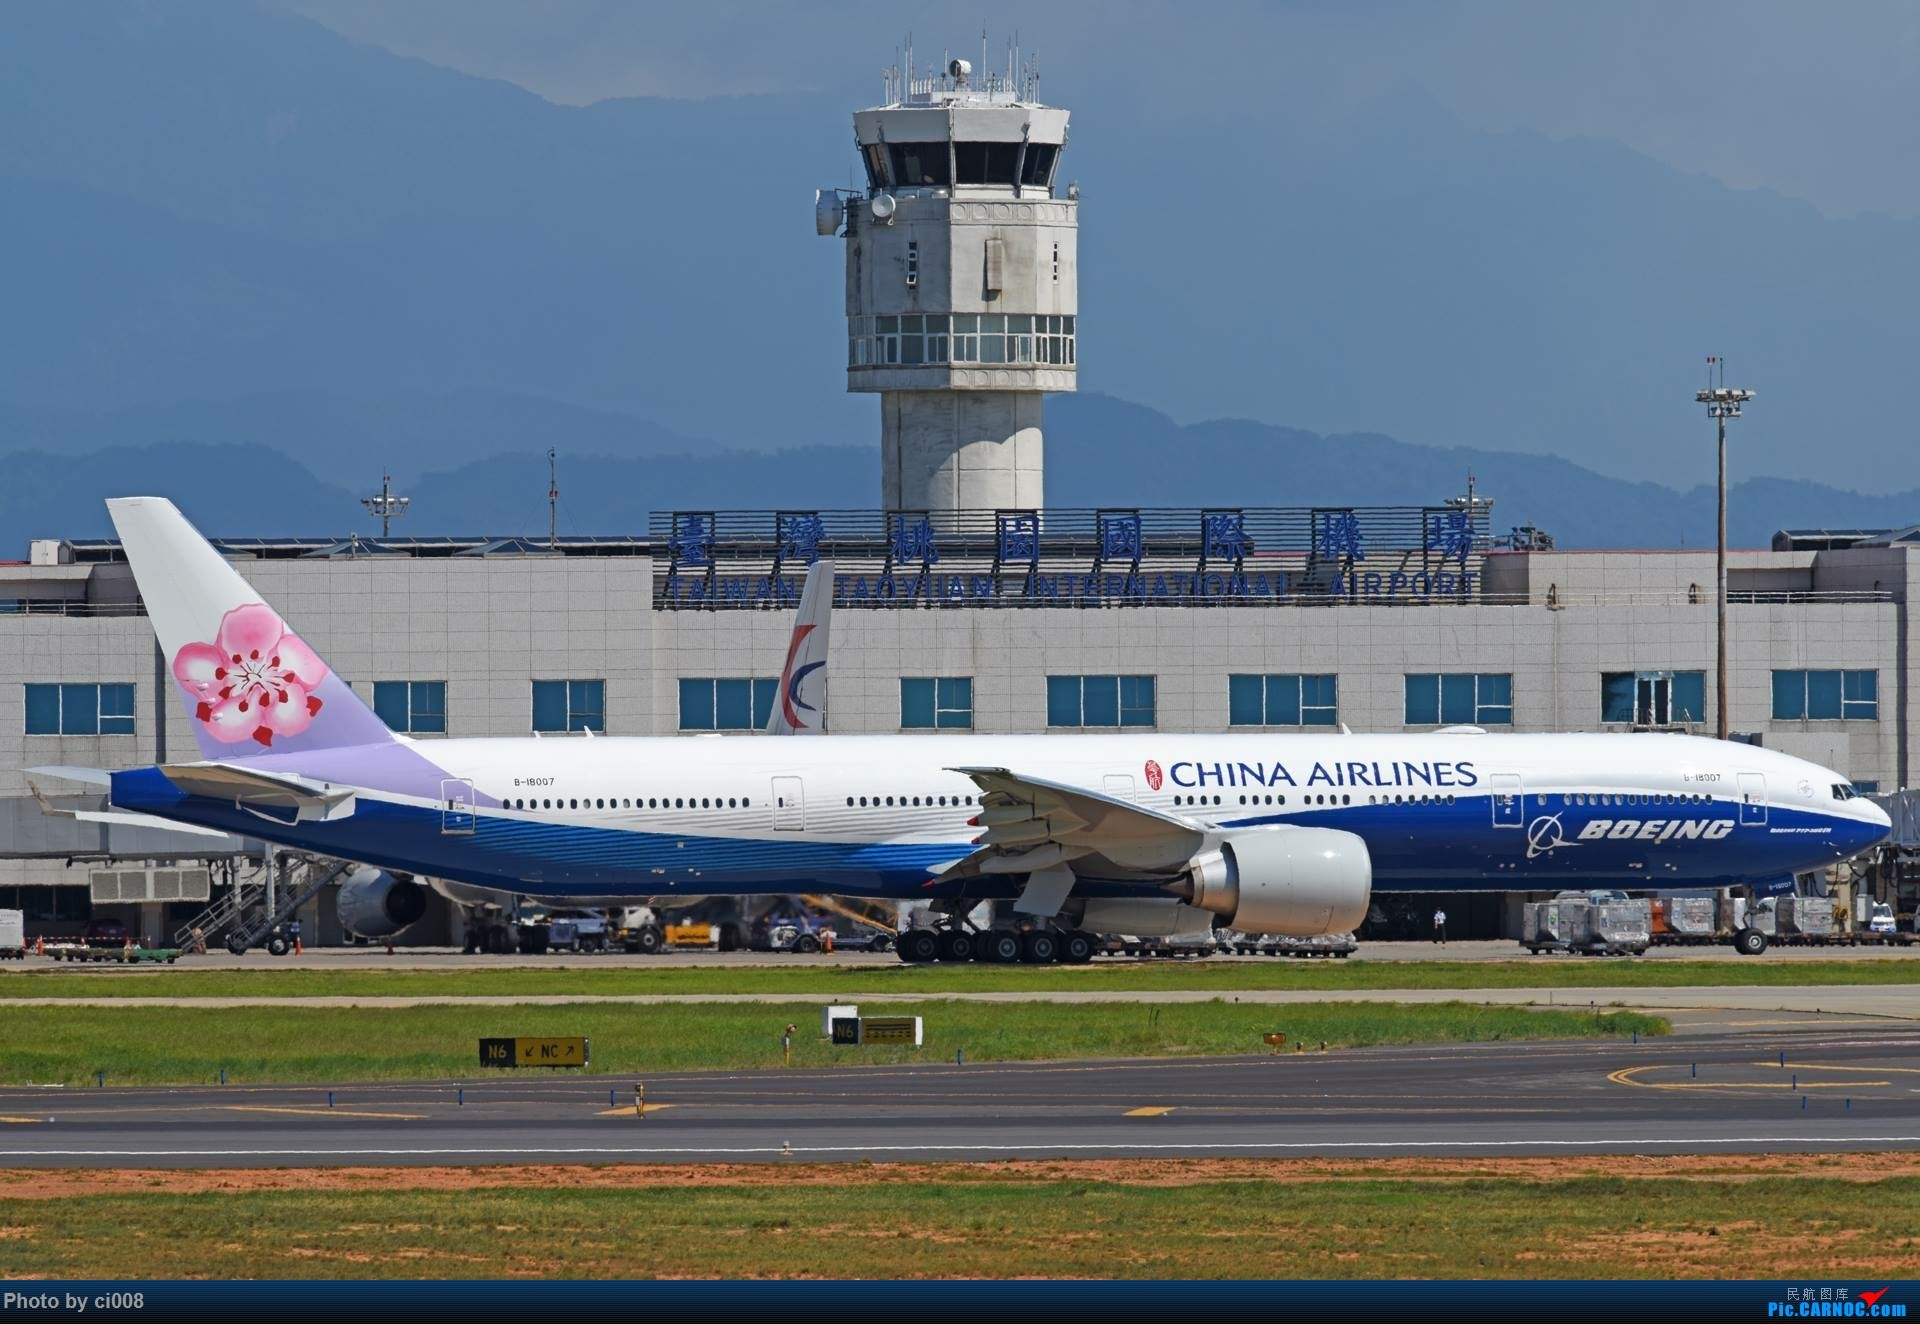 [原创]華航 777 藍鯨 ,預計明天 Ci-527 ( 1 7 : 2 5 ) 飛抵深圳 BOEING 777-300ER B-18007 中国台北桃园国际机场